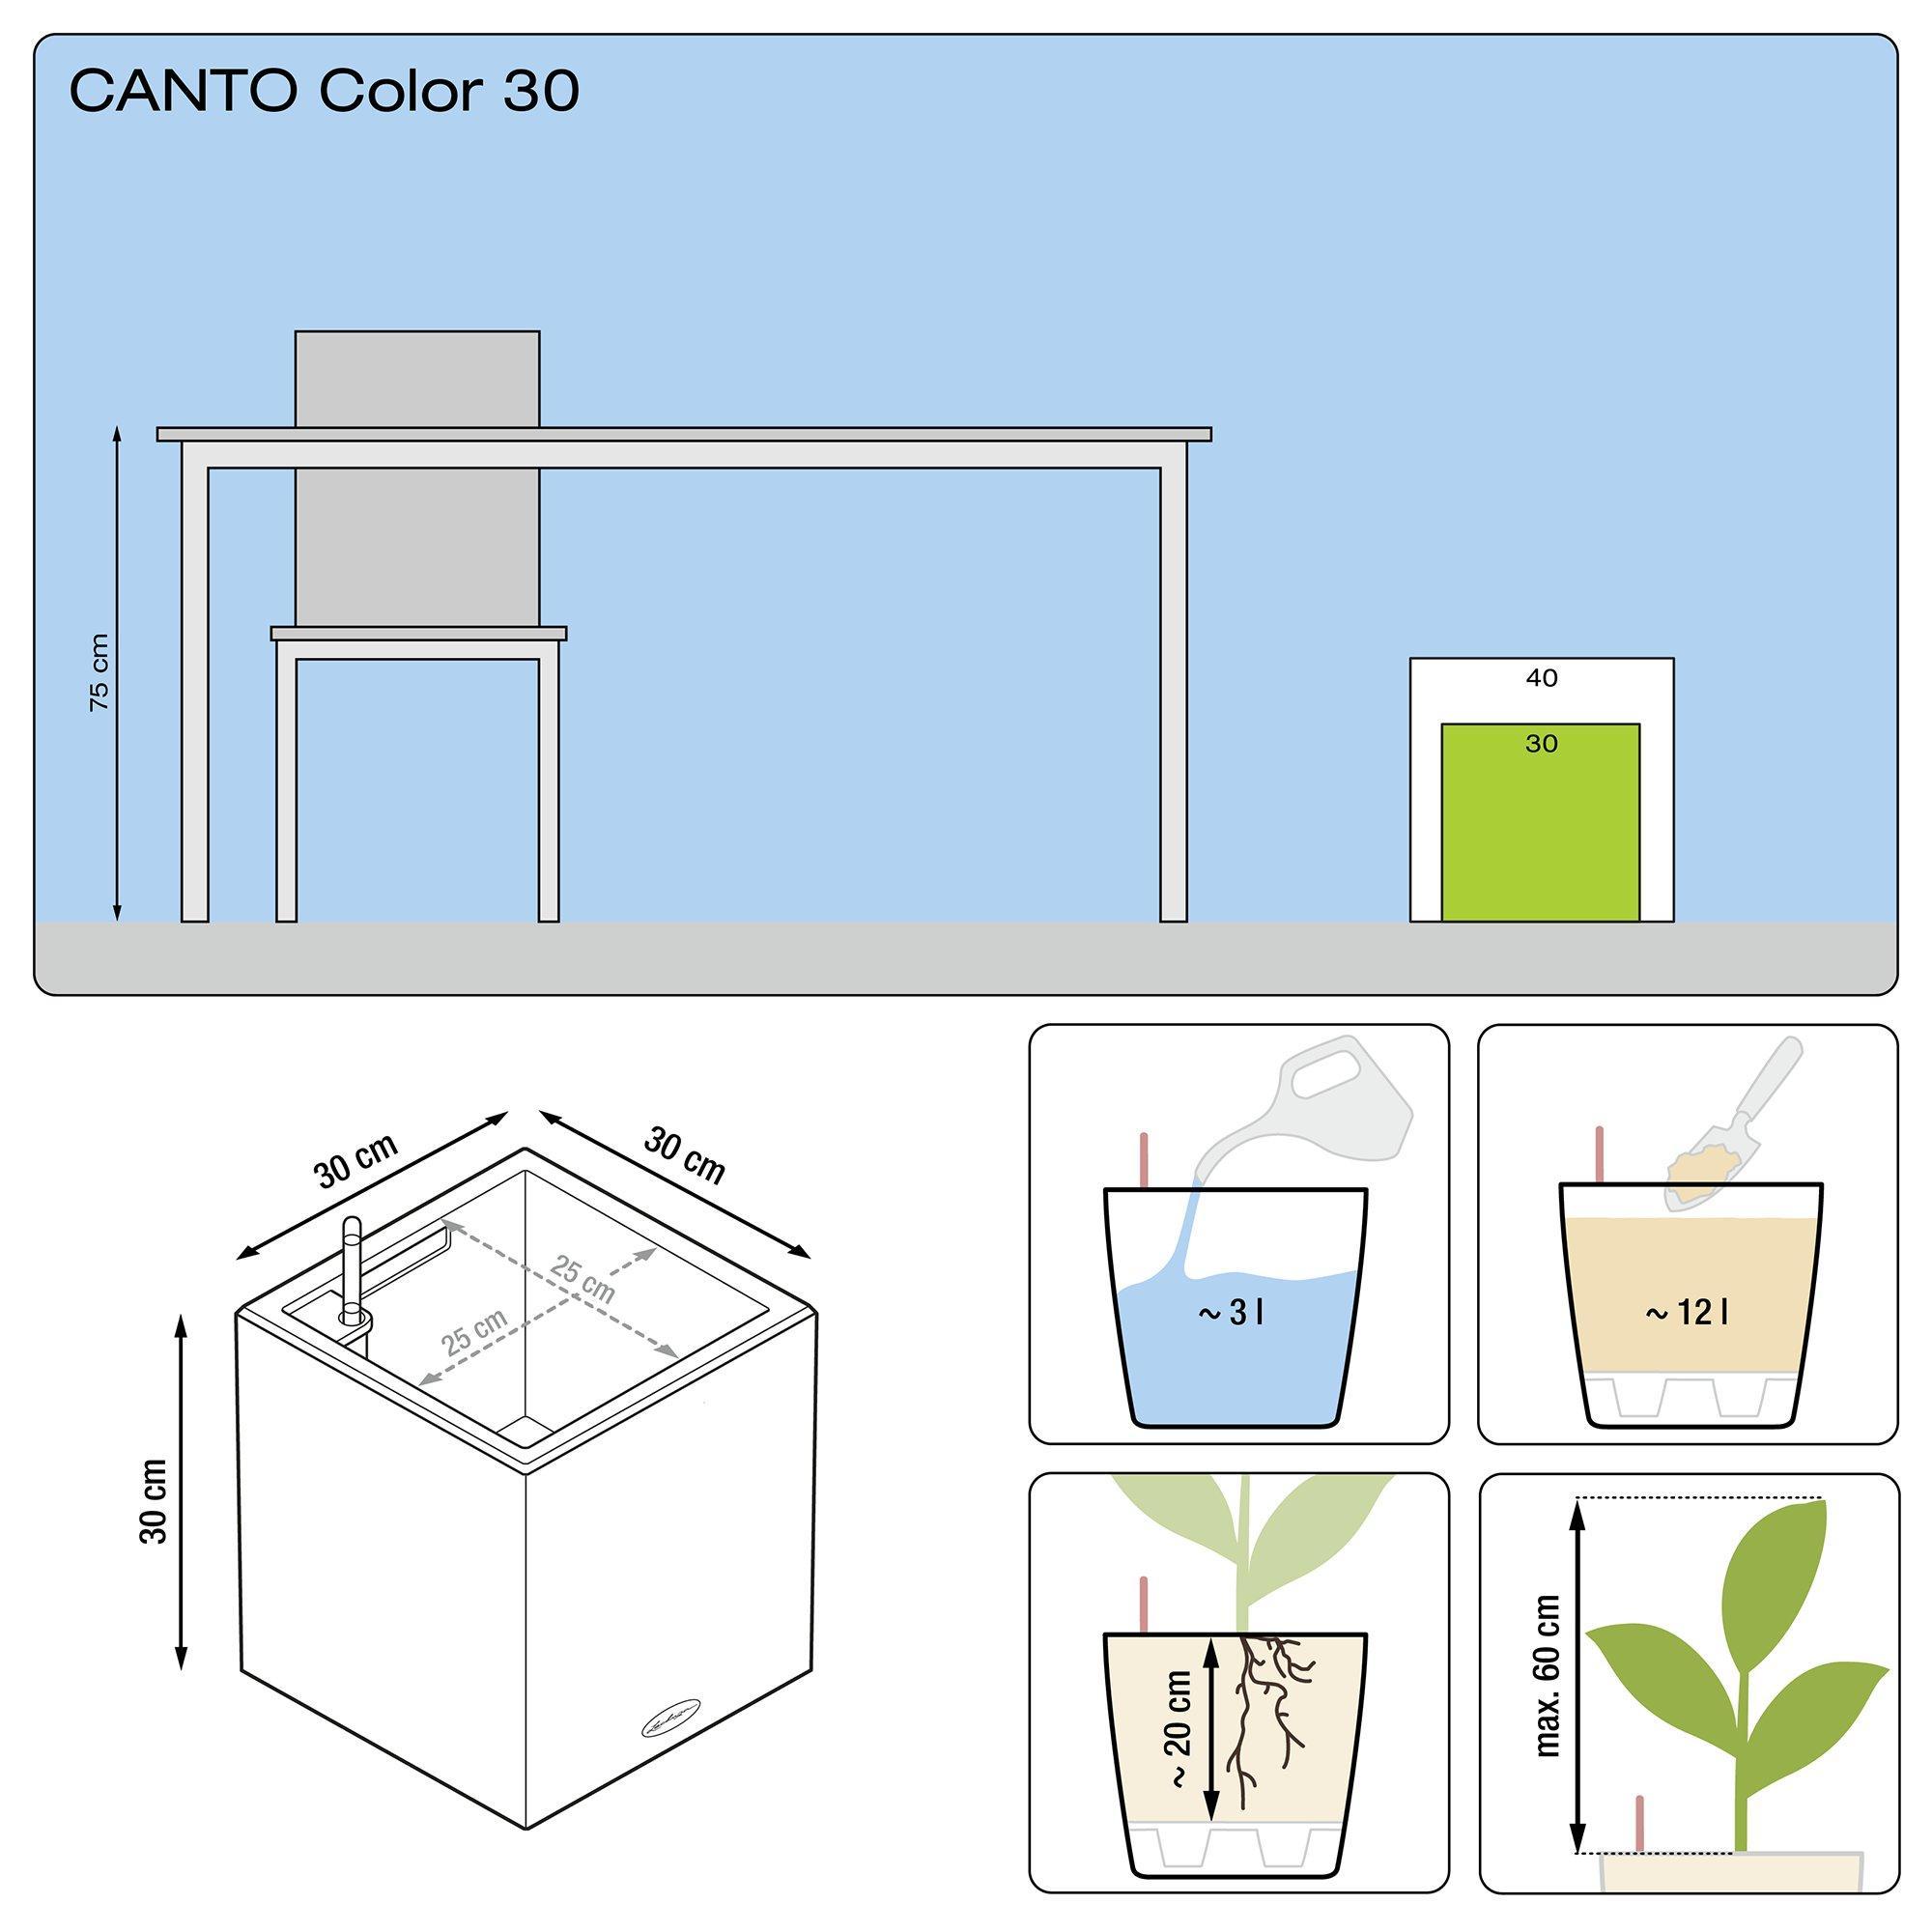 CANTO Color cubo 30 gris piedra - Imagen 3